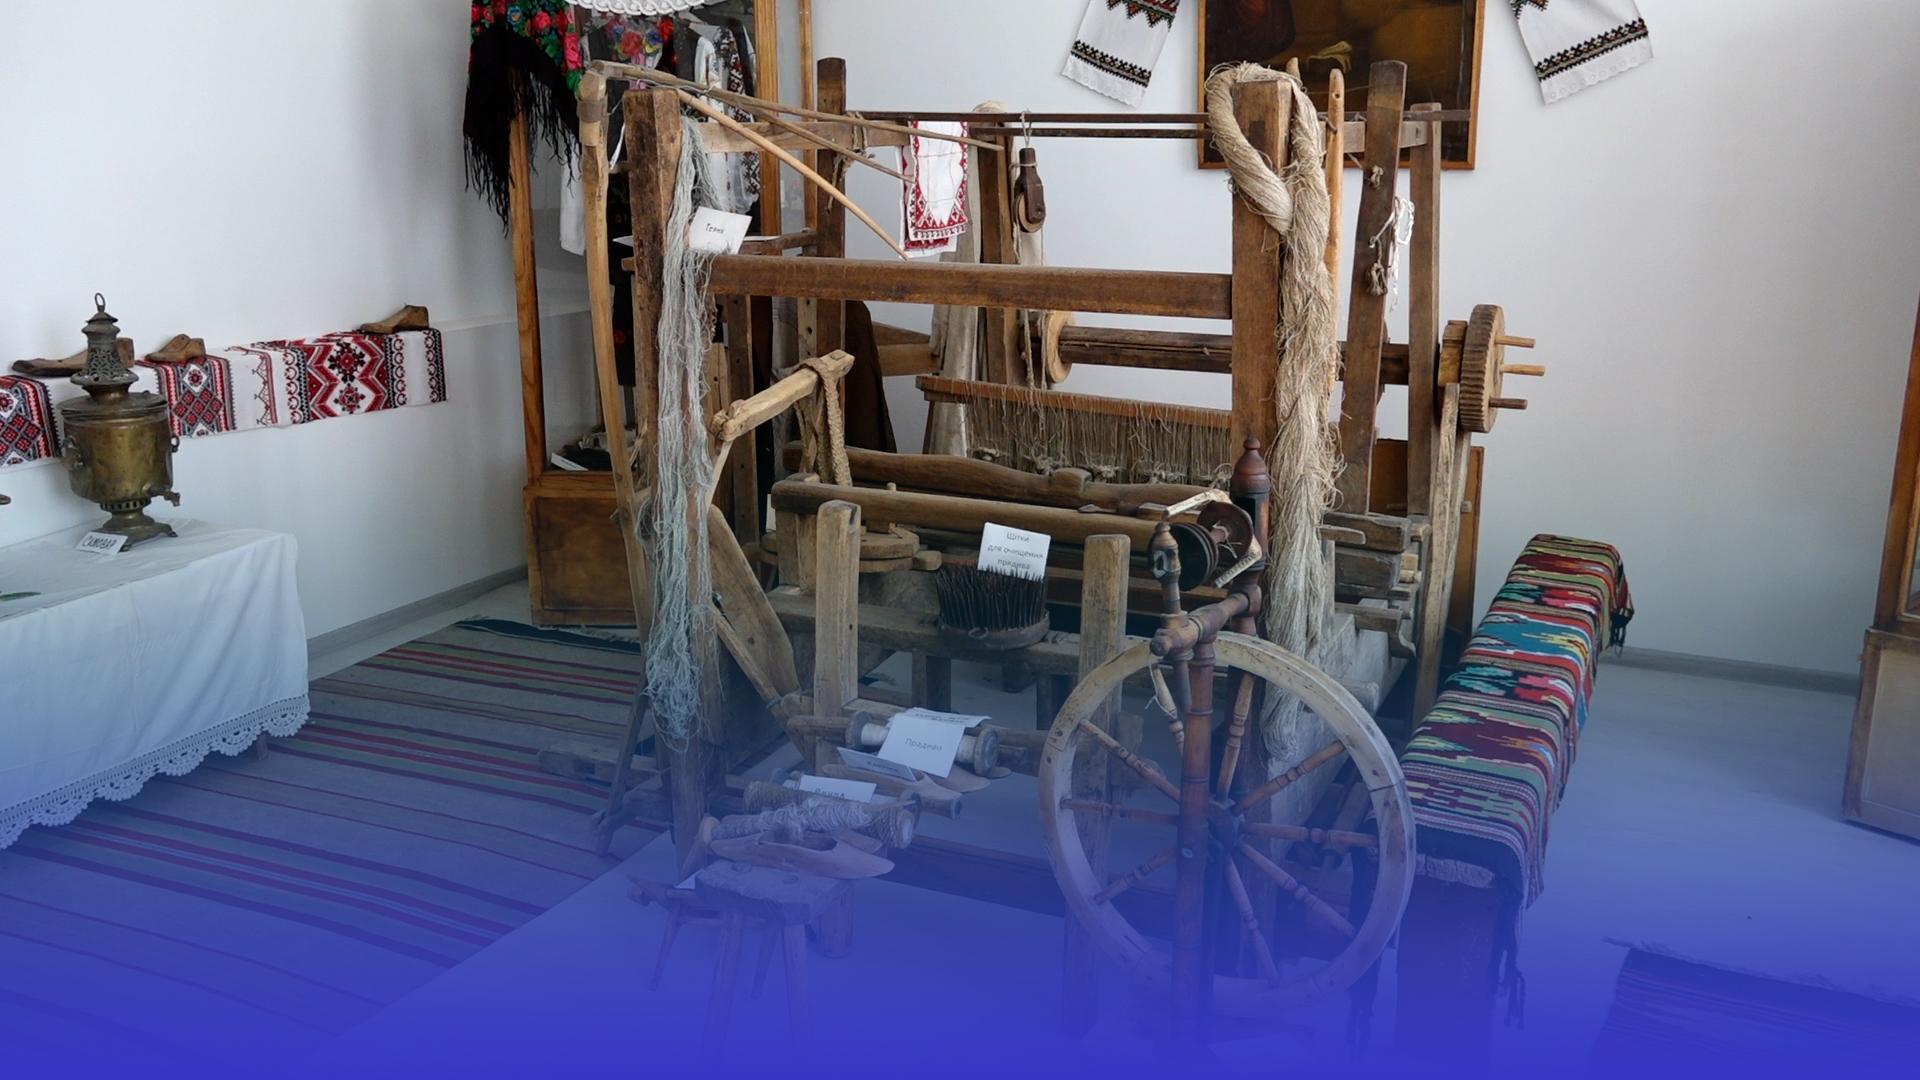 Особливості побуту: у селі Мшанець зібрали унікальну колекцію давніх речей